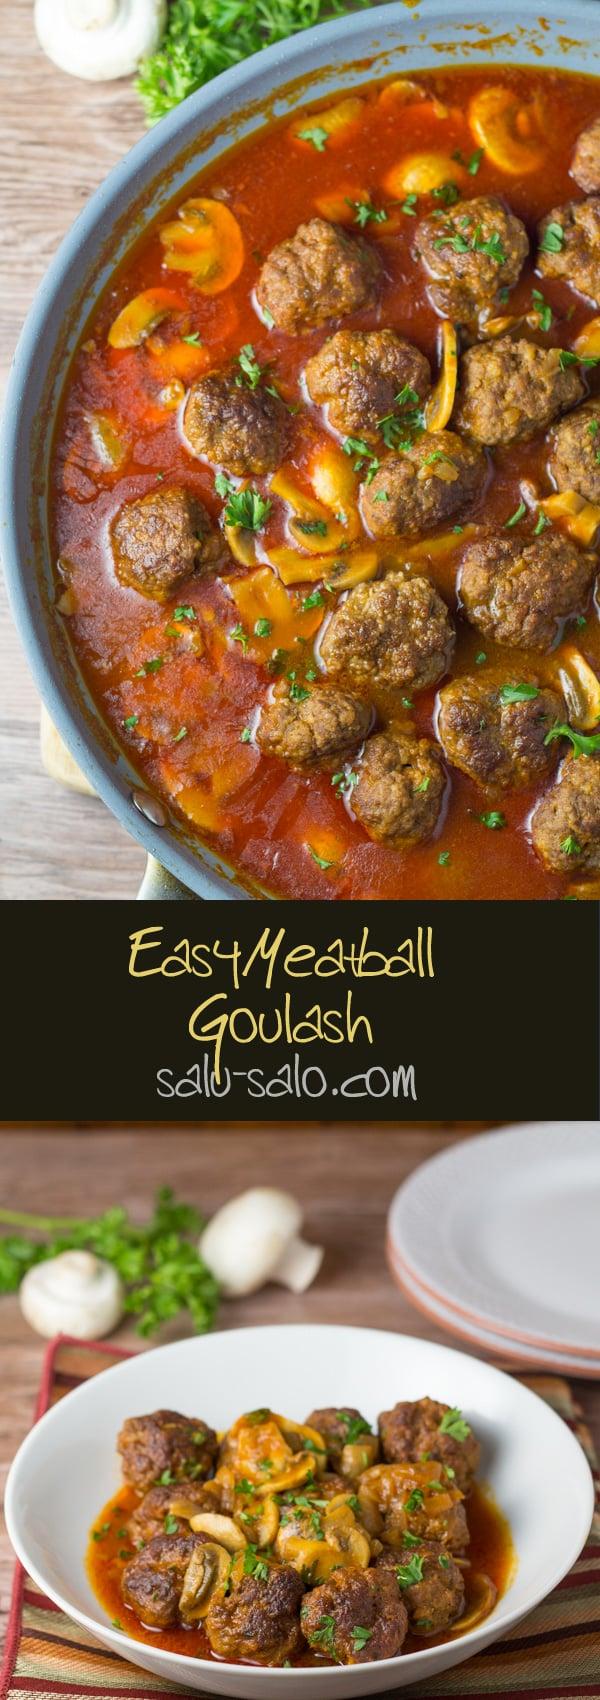 Easy Meatball Goulash